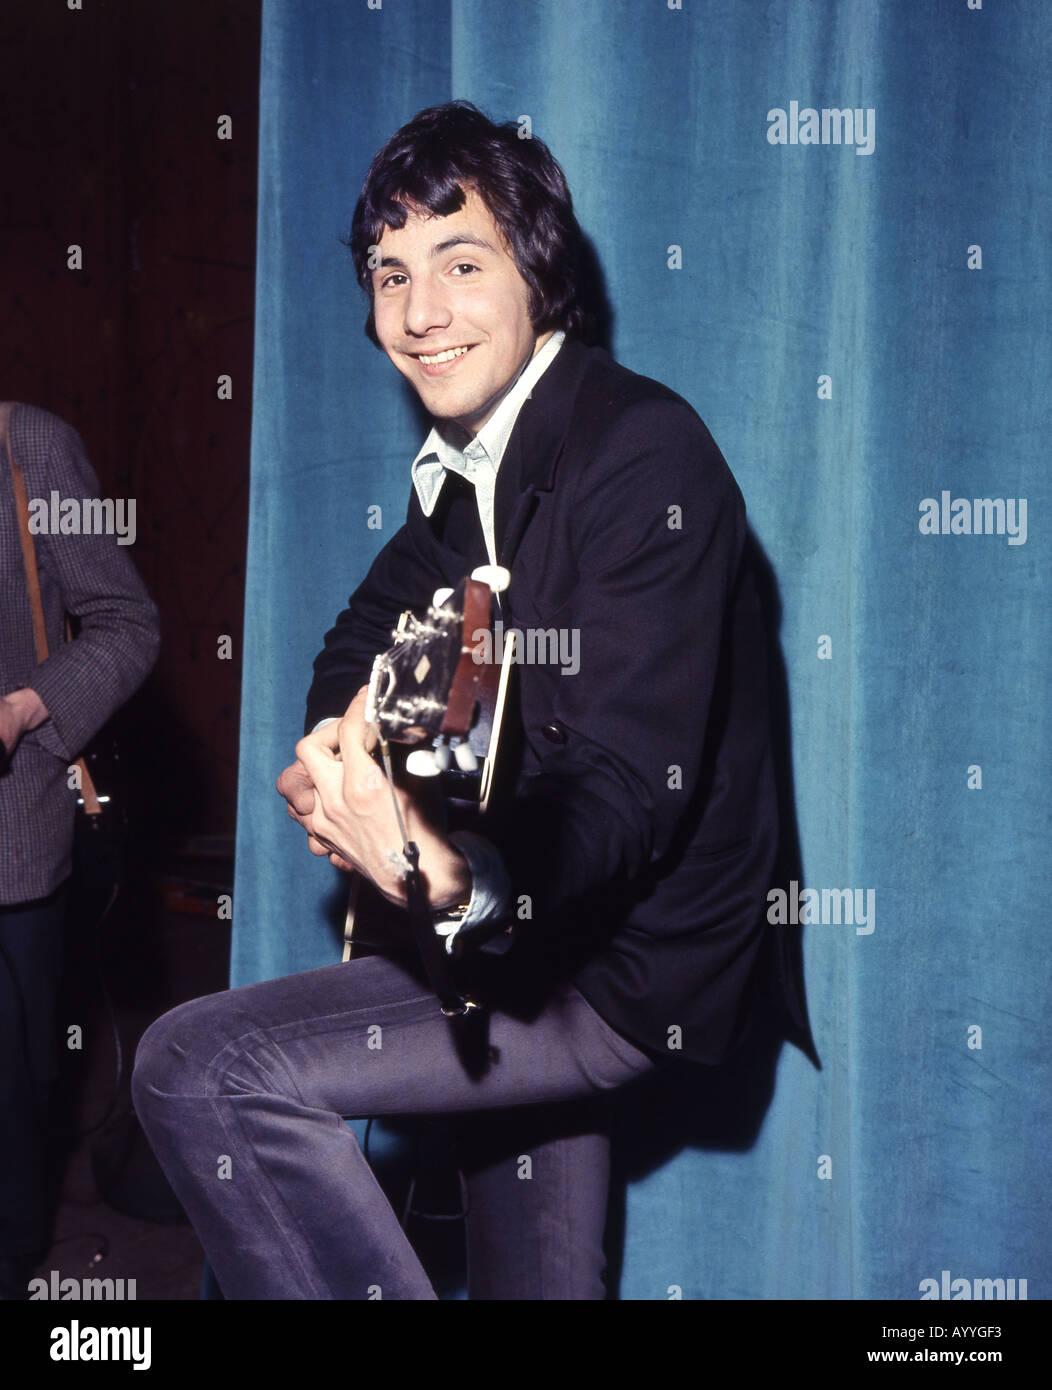 CAT STEVENS UK singer in 1967. - Stock Image